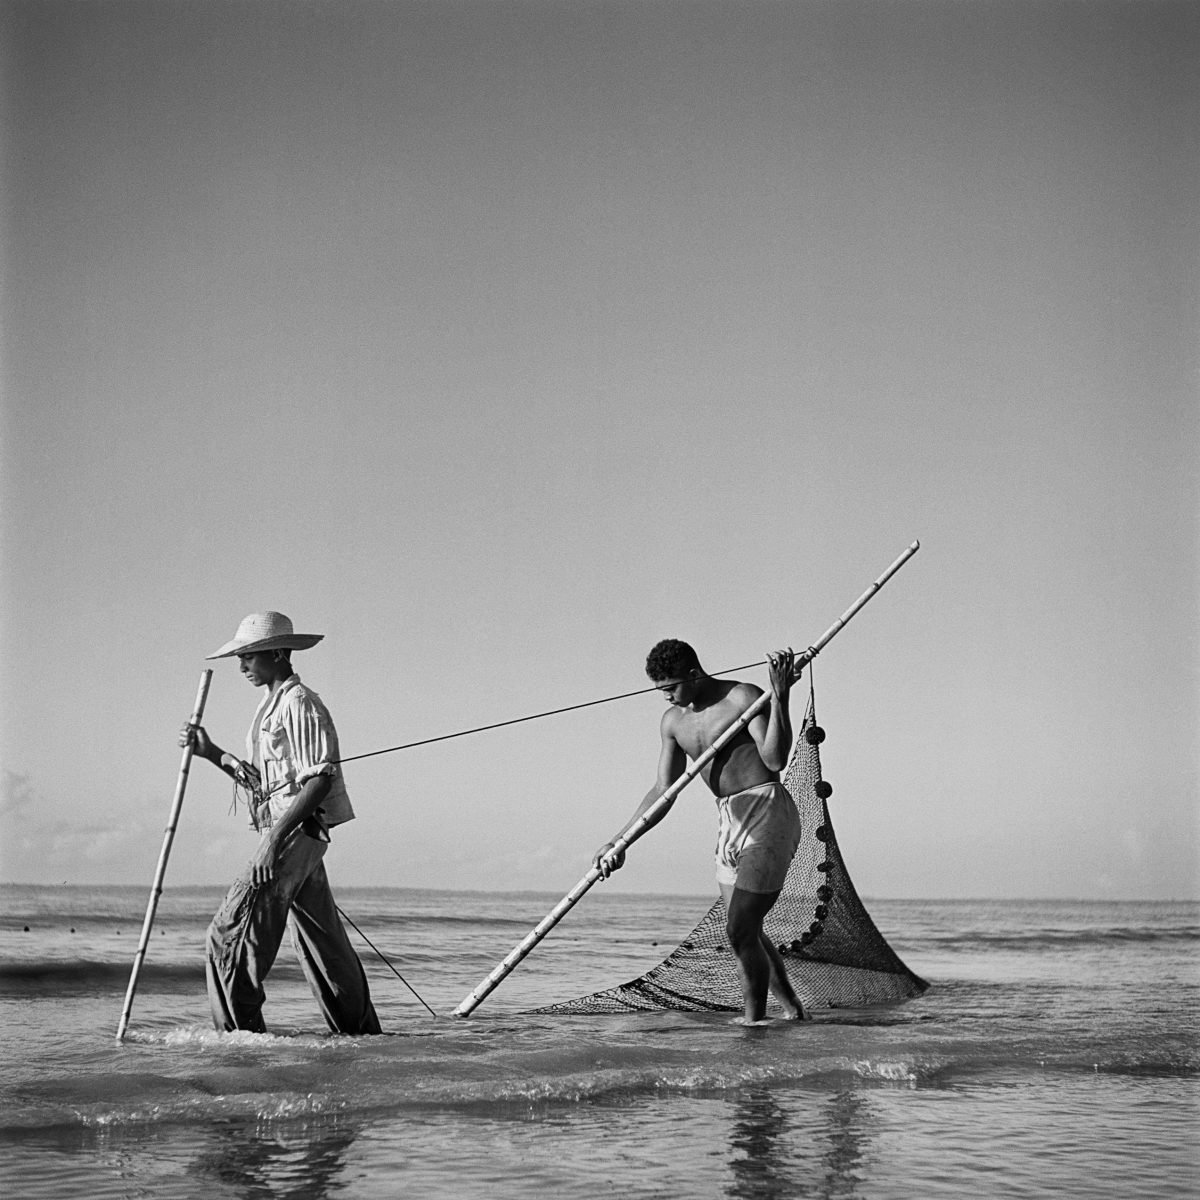 Schwarzweiss-Porträtfoto der brasilianischen Fischer durch Marcel Gautherot